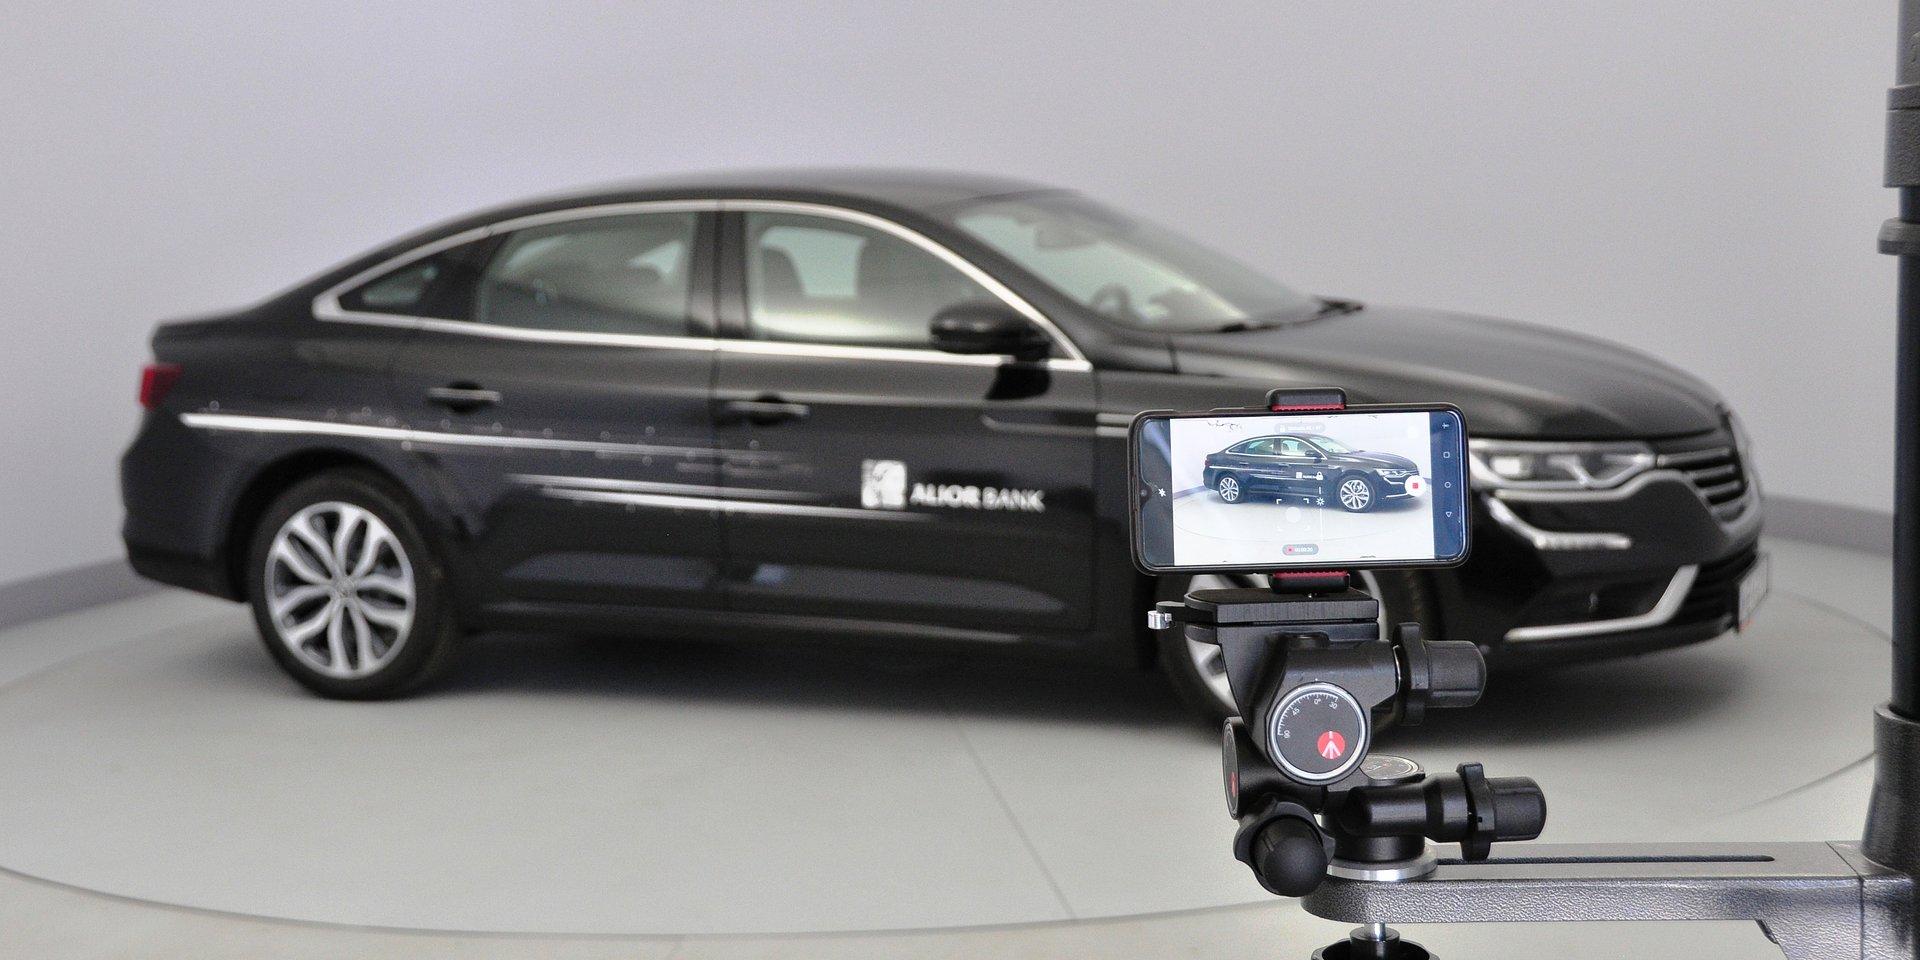 Wirtualny salon samochodowy to przyszłość branży motoryzacyjnej. Klienci doceniają tego typu rozwiązanie nie tylko w czasie pandemii